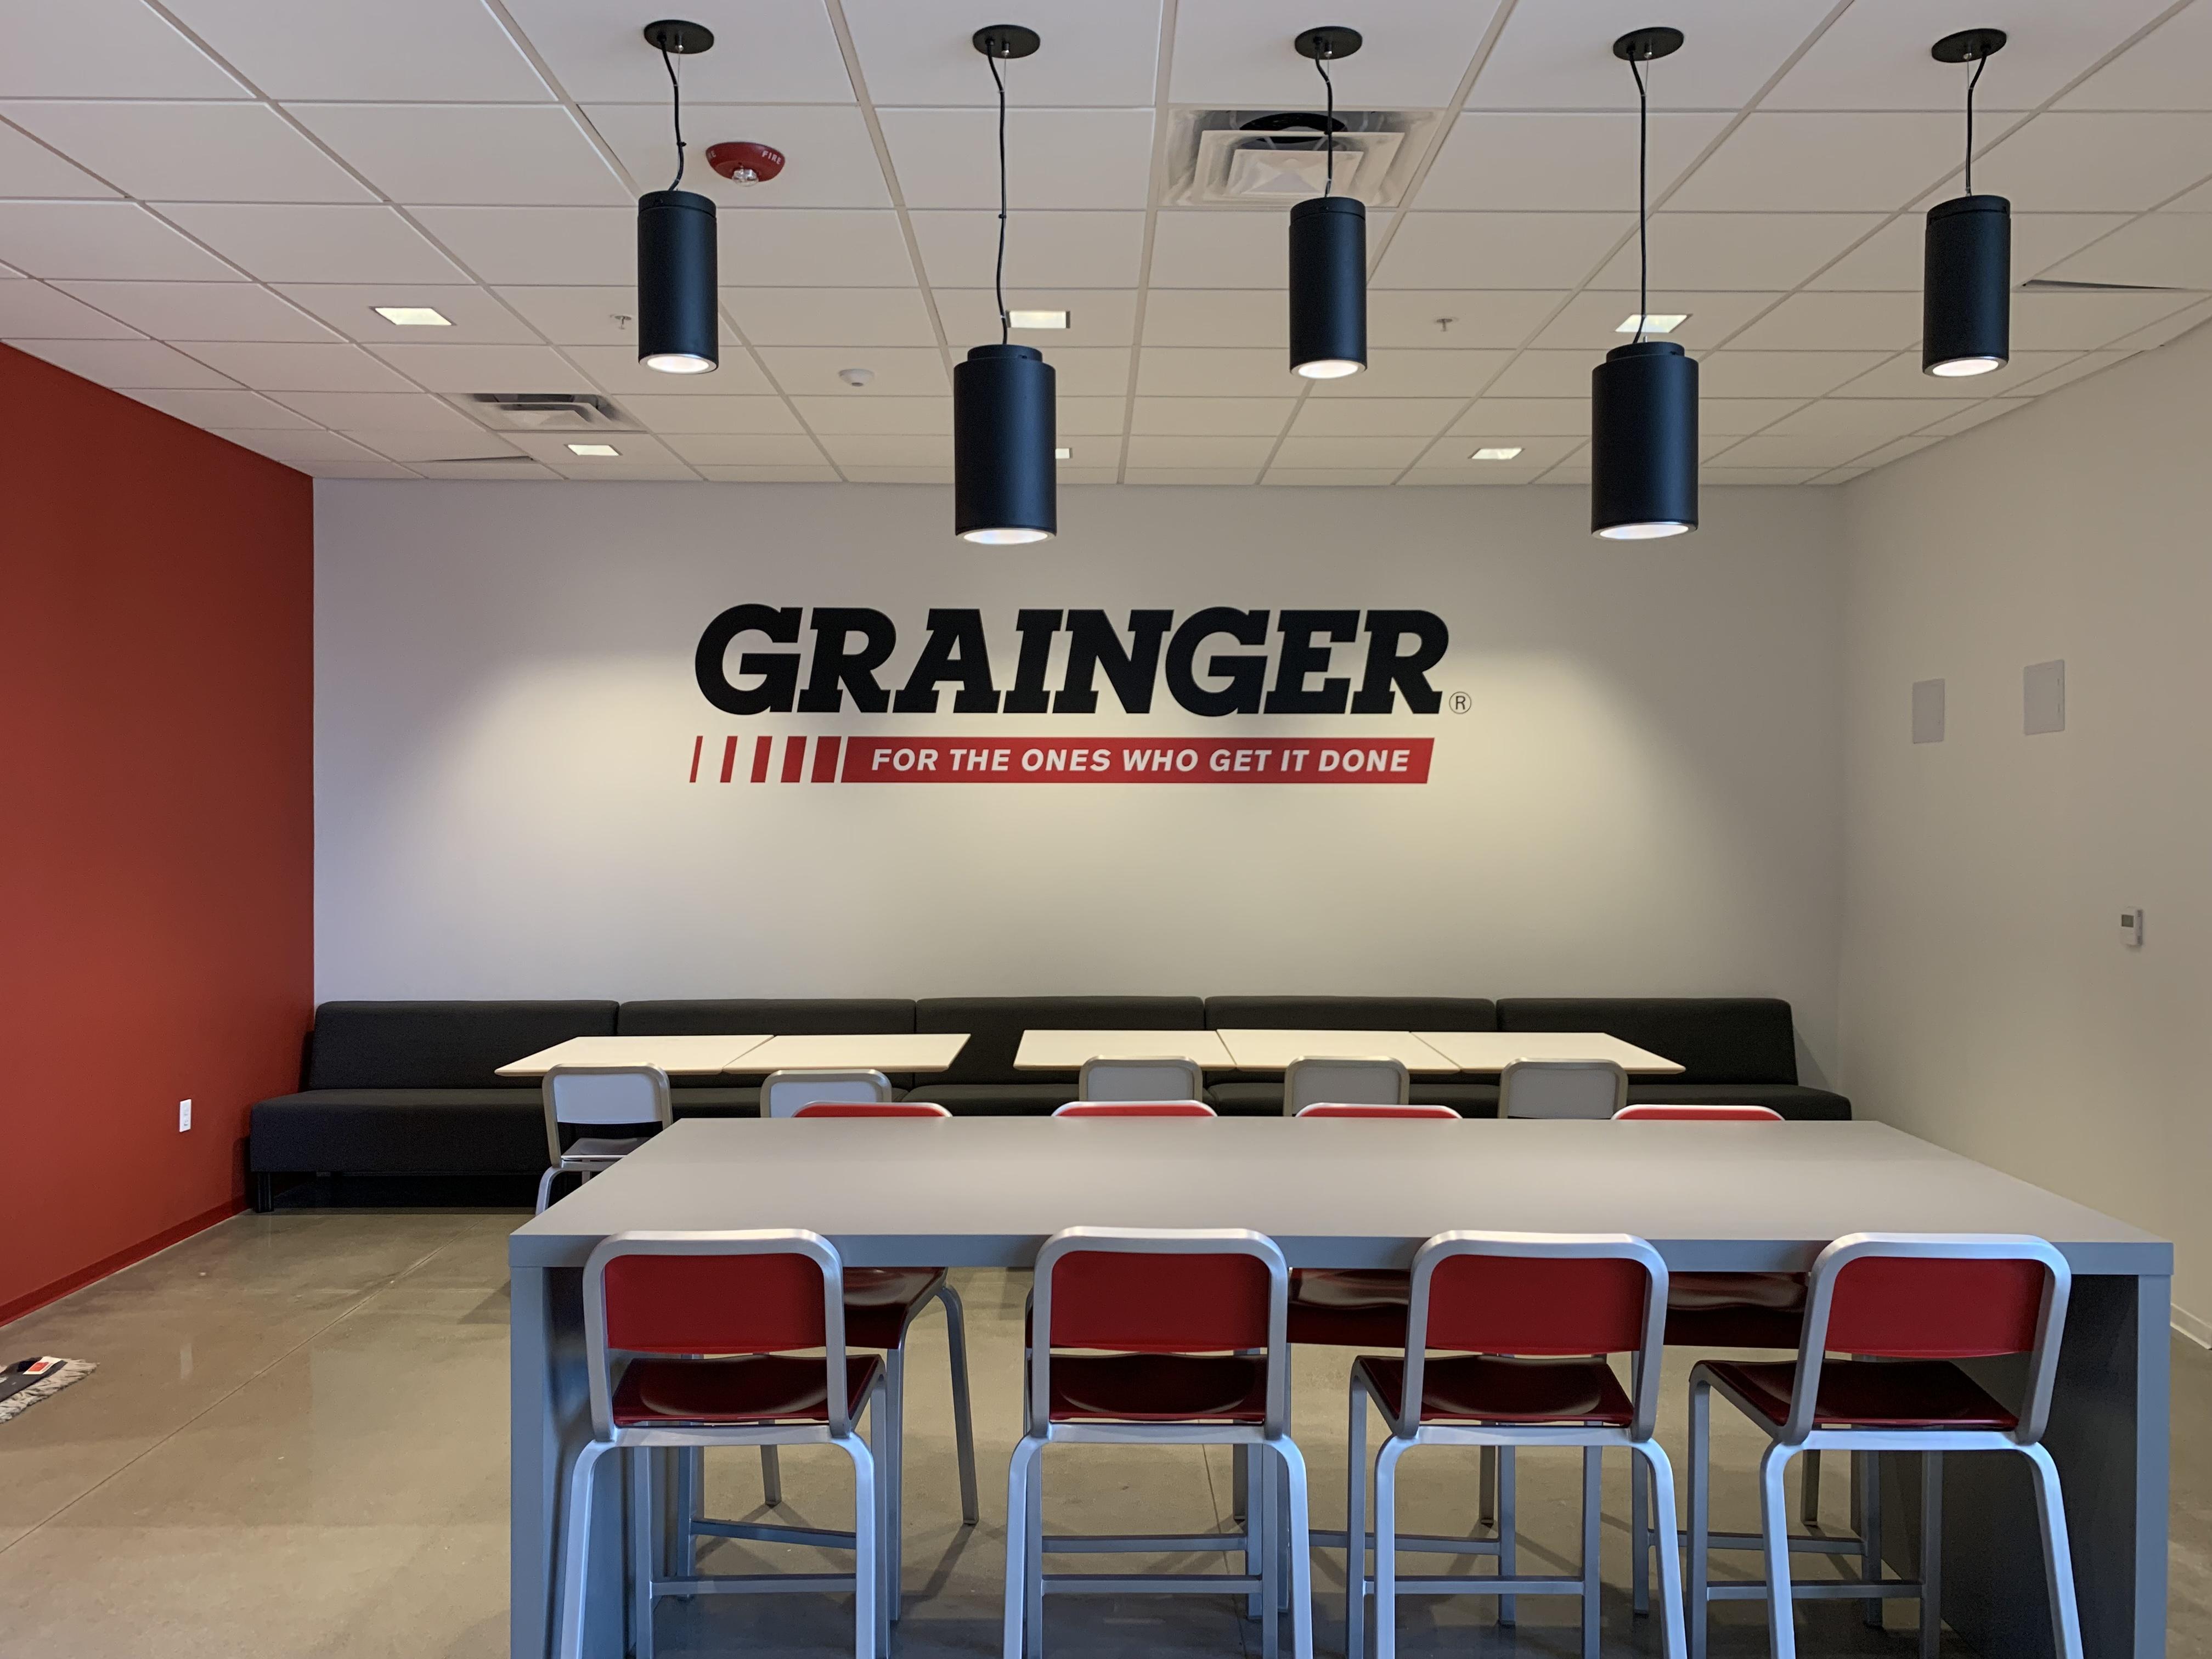 Grainger Wall Sign